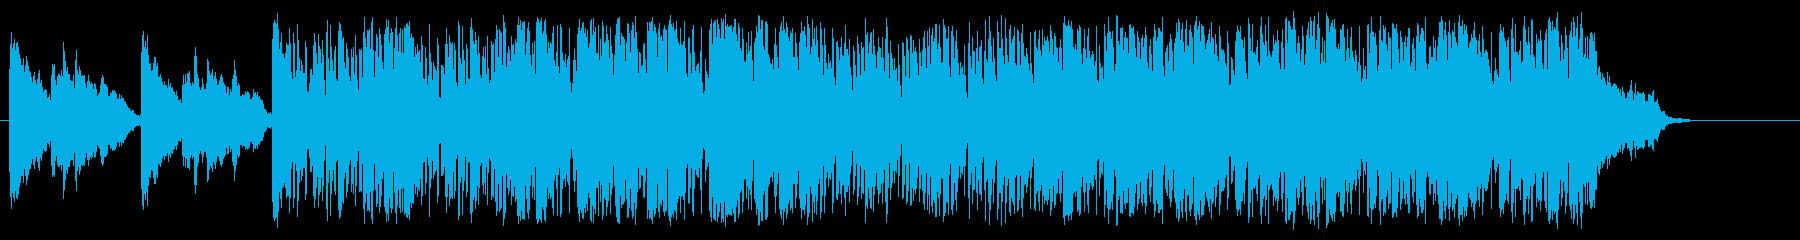 暗闇へと迷い込み途方に暮れるテクノ/BGの再生済みの波形